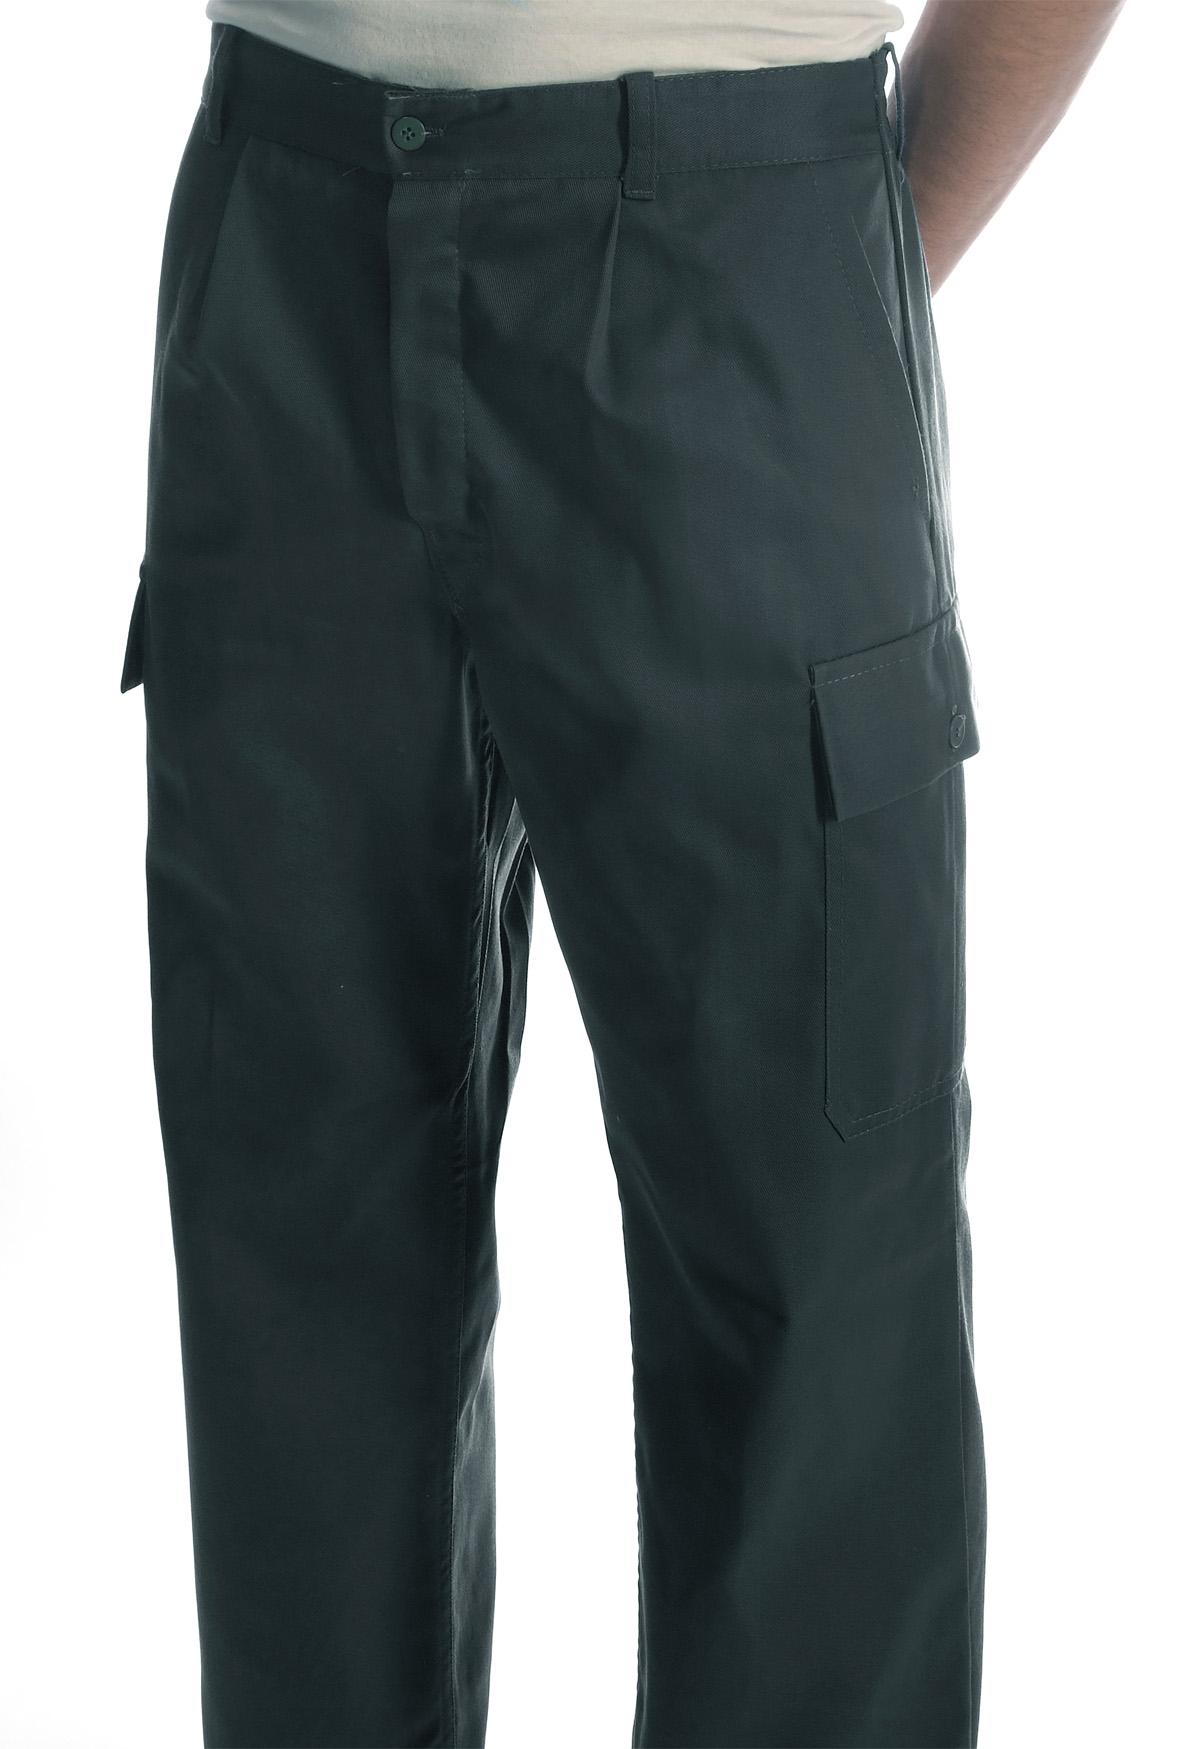 Pantalón bolsos perneras Image